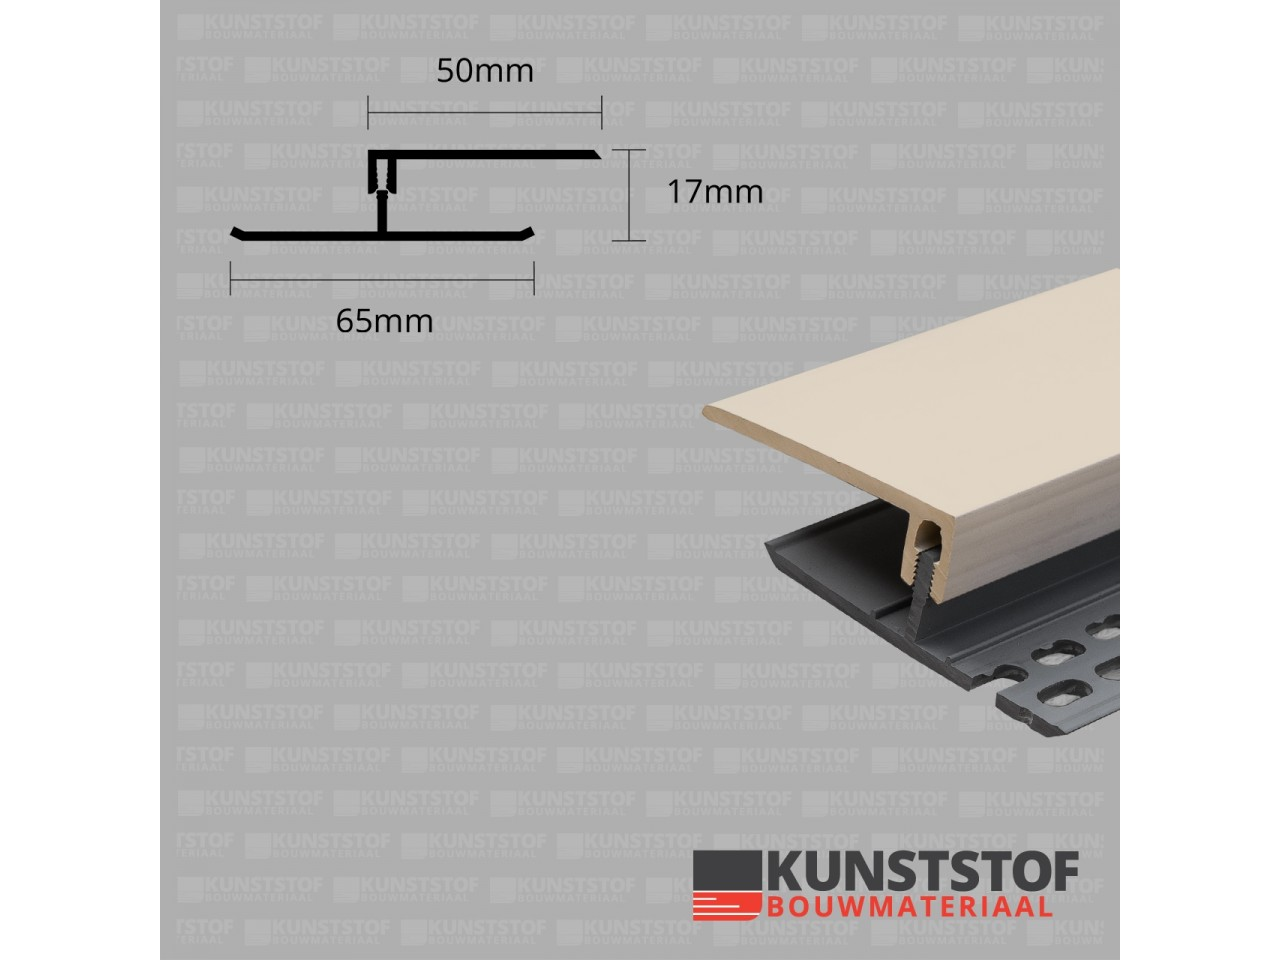 Eurotexx Dubbel Rabat - potdeksel 17mm ventilatie afsluitprofiel kunststof in de kleur sand ral 1015 znad kleurig licht bruin